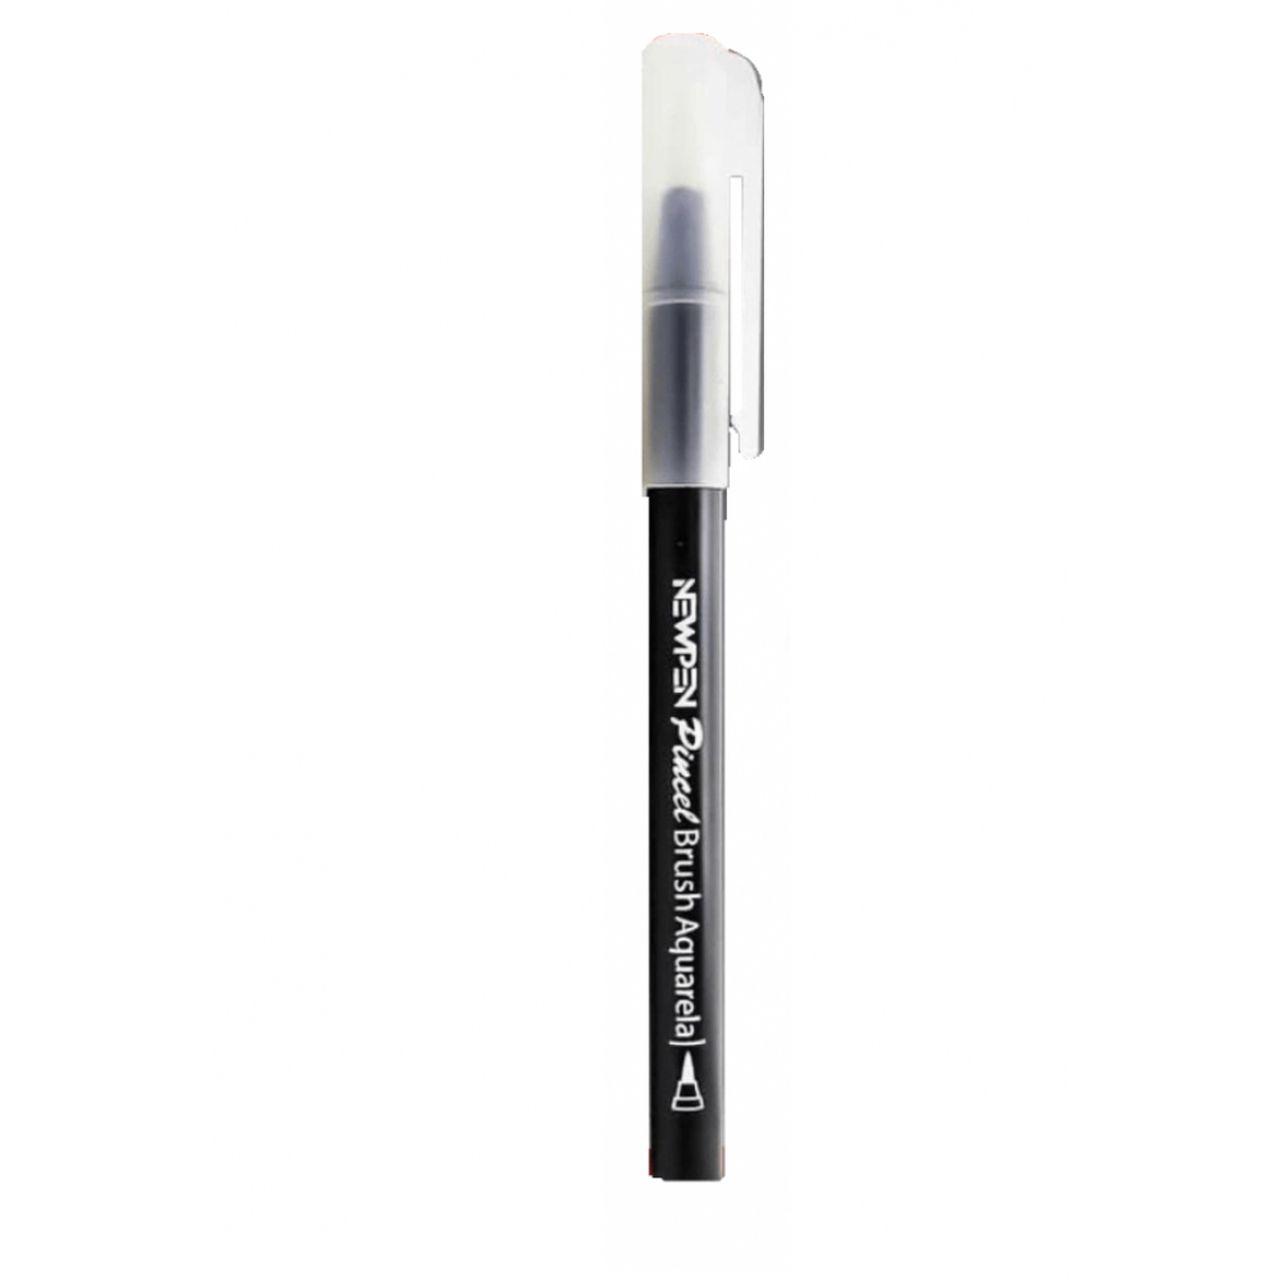 Caneta Pincel Brush Pen Blender Newpen